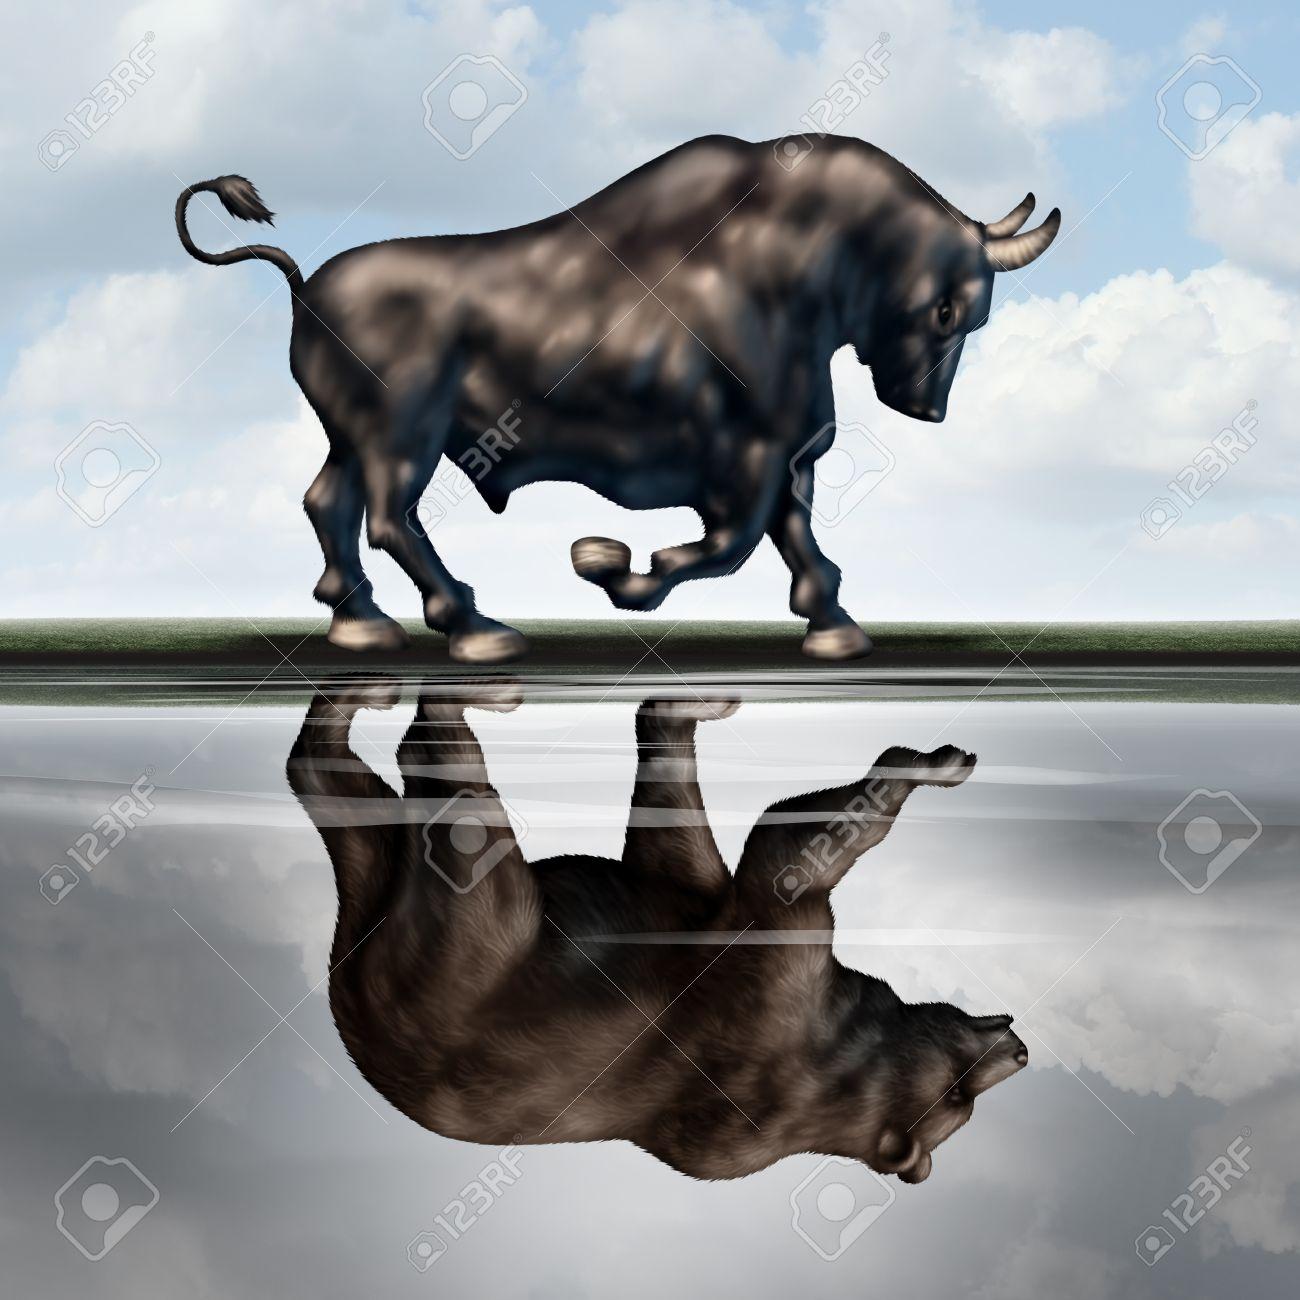 Die Investition Warnzeichen als Finanz Börse Metapher mit einem Stier ein Spiegelbild im Wasser eines Bären als wirtschaftliche Abschwung oder Rezession prognostiziert in einer 3D-Darstellung Stil. Standard-Bild - 55999960